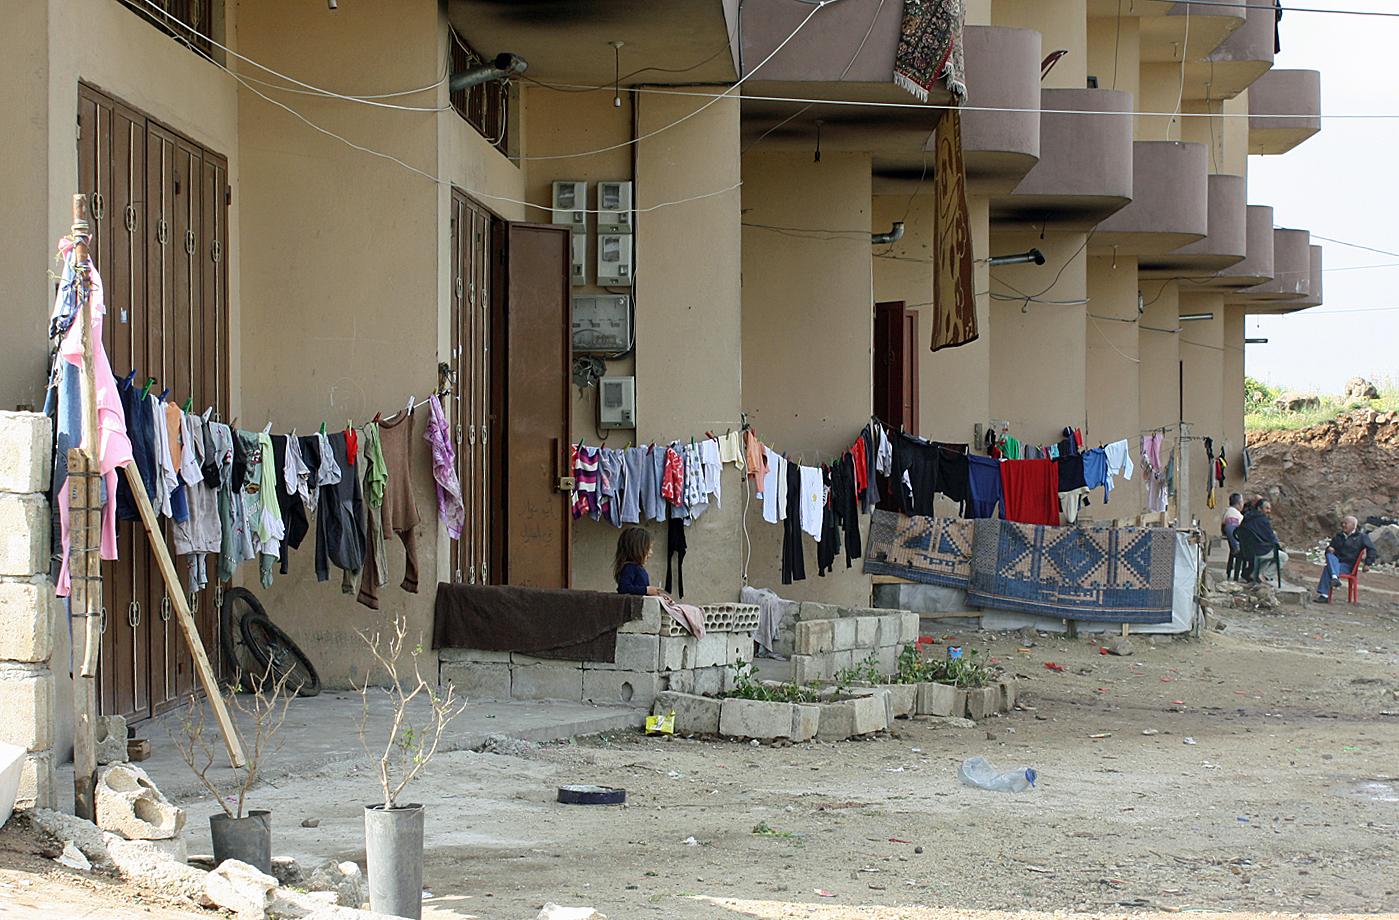 Garaże zajęte przez syryjskich uchodźców na przedmieściach Bire/fot. Marcin Ogdowski